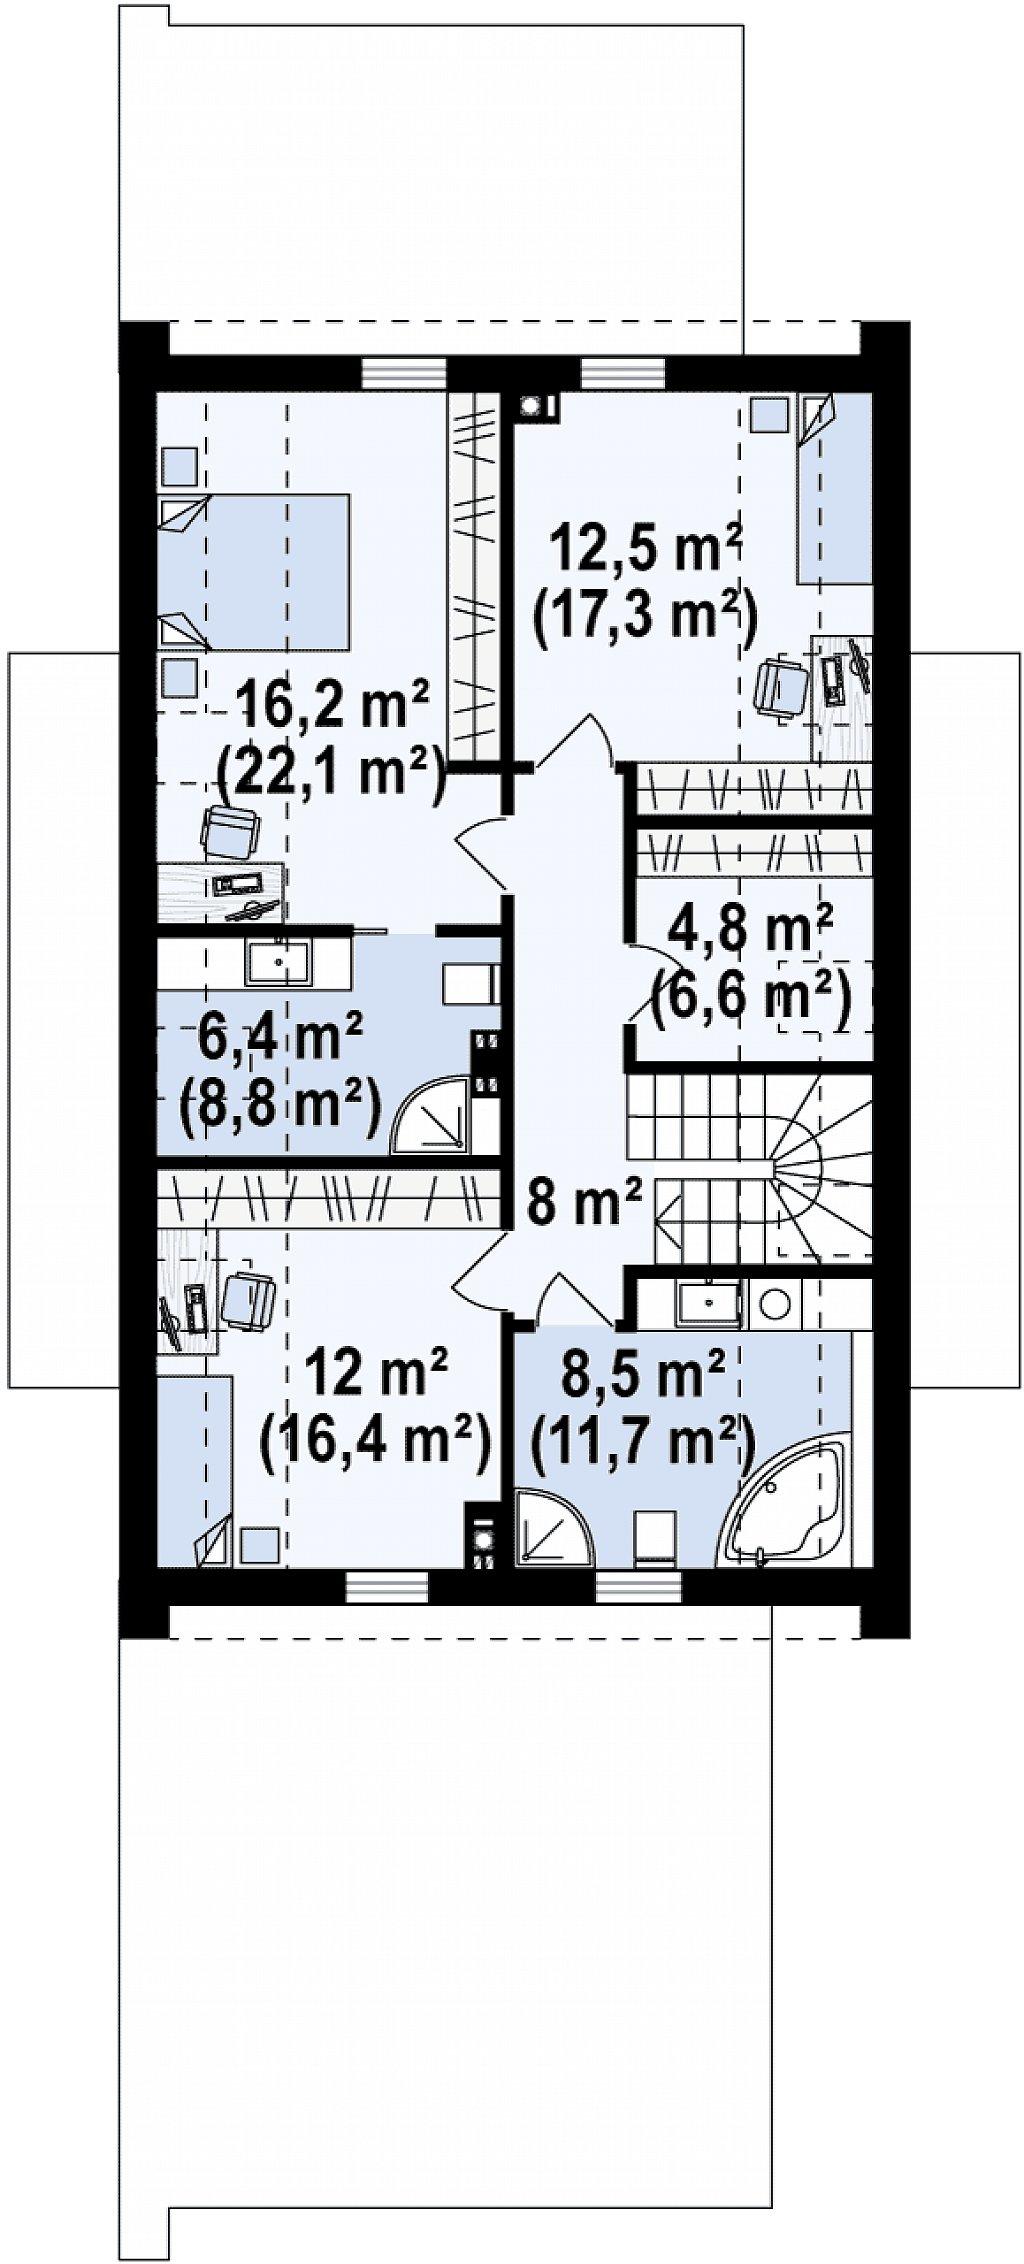 Проект удобного и красивого мансардного дома с гаражом на 2 машини и 3 спальнями. план помещений 2